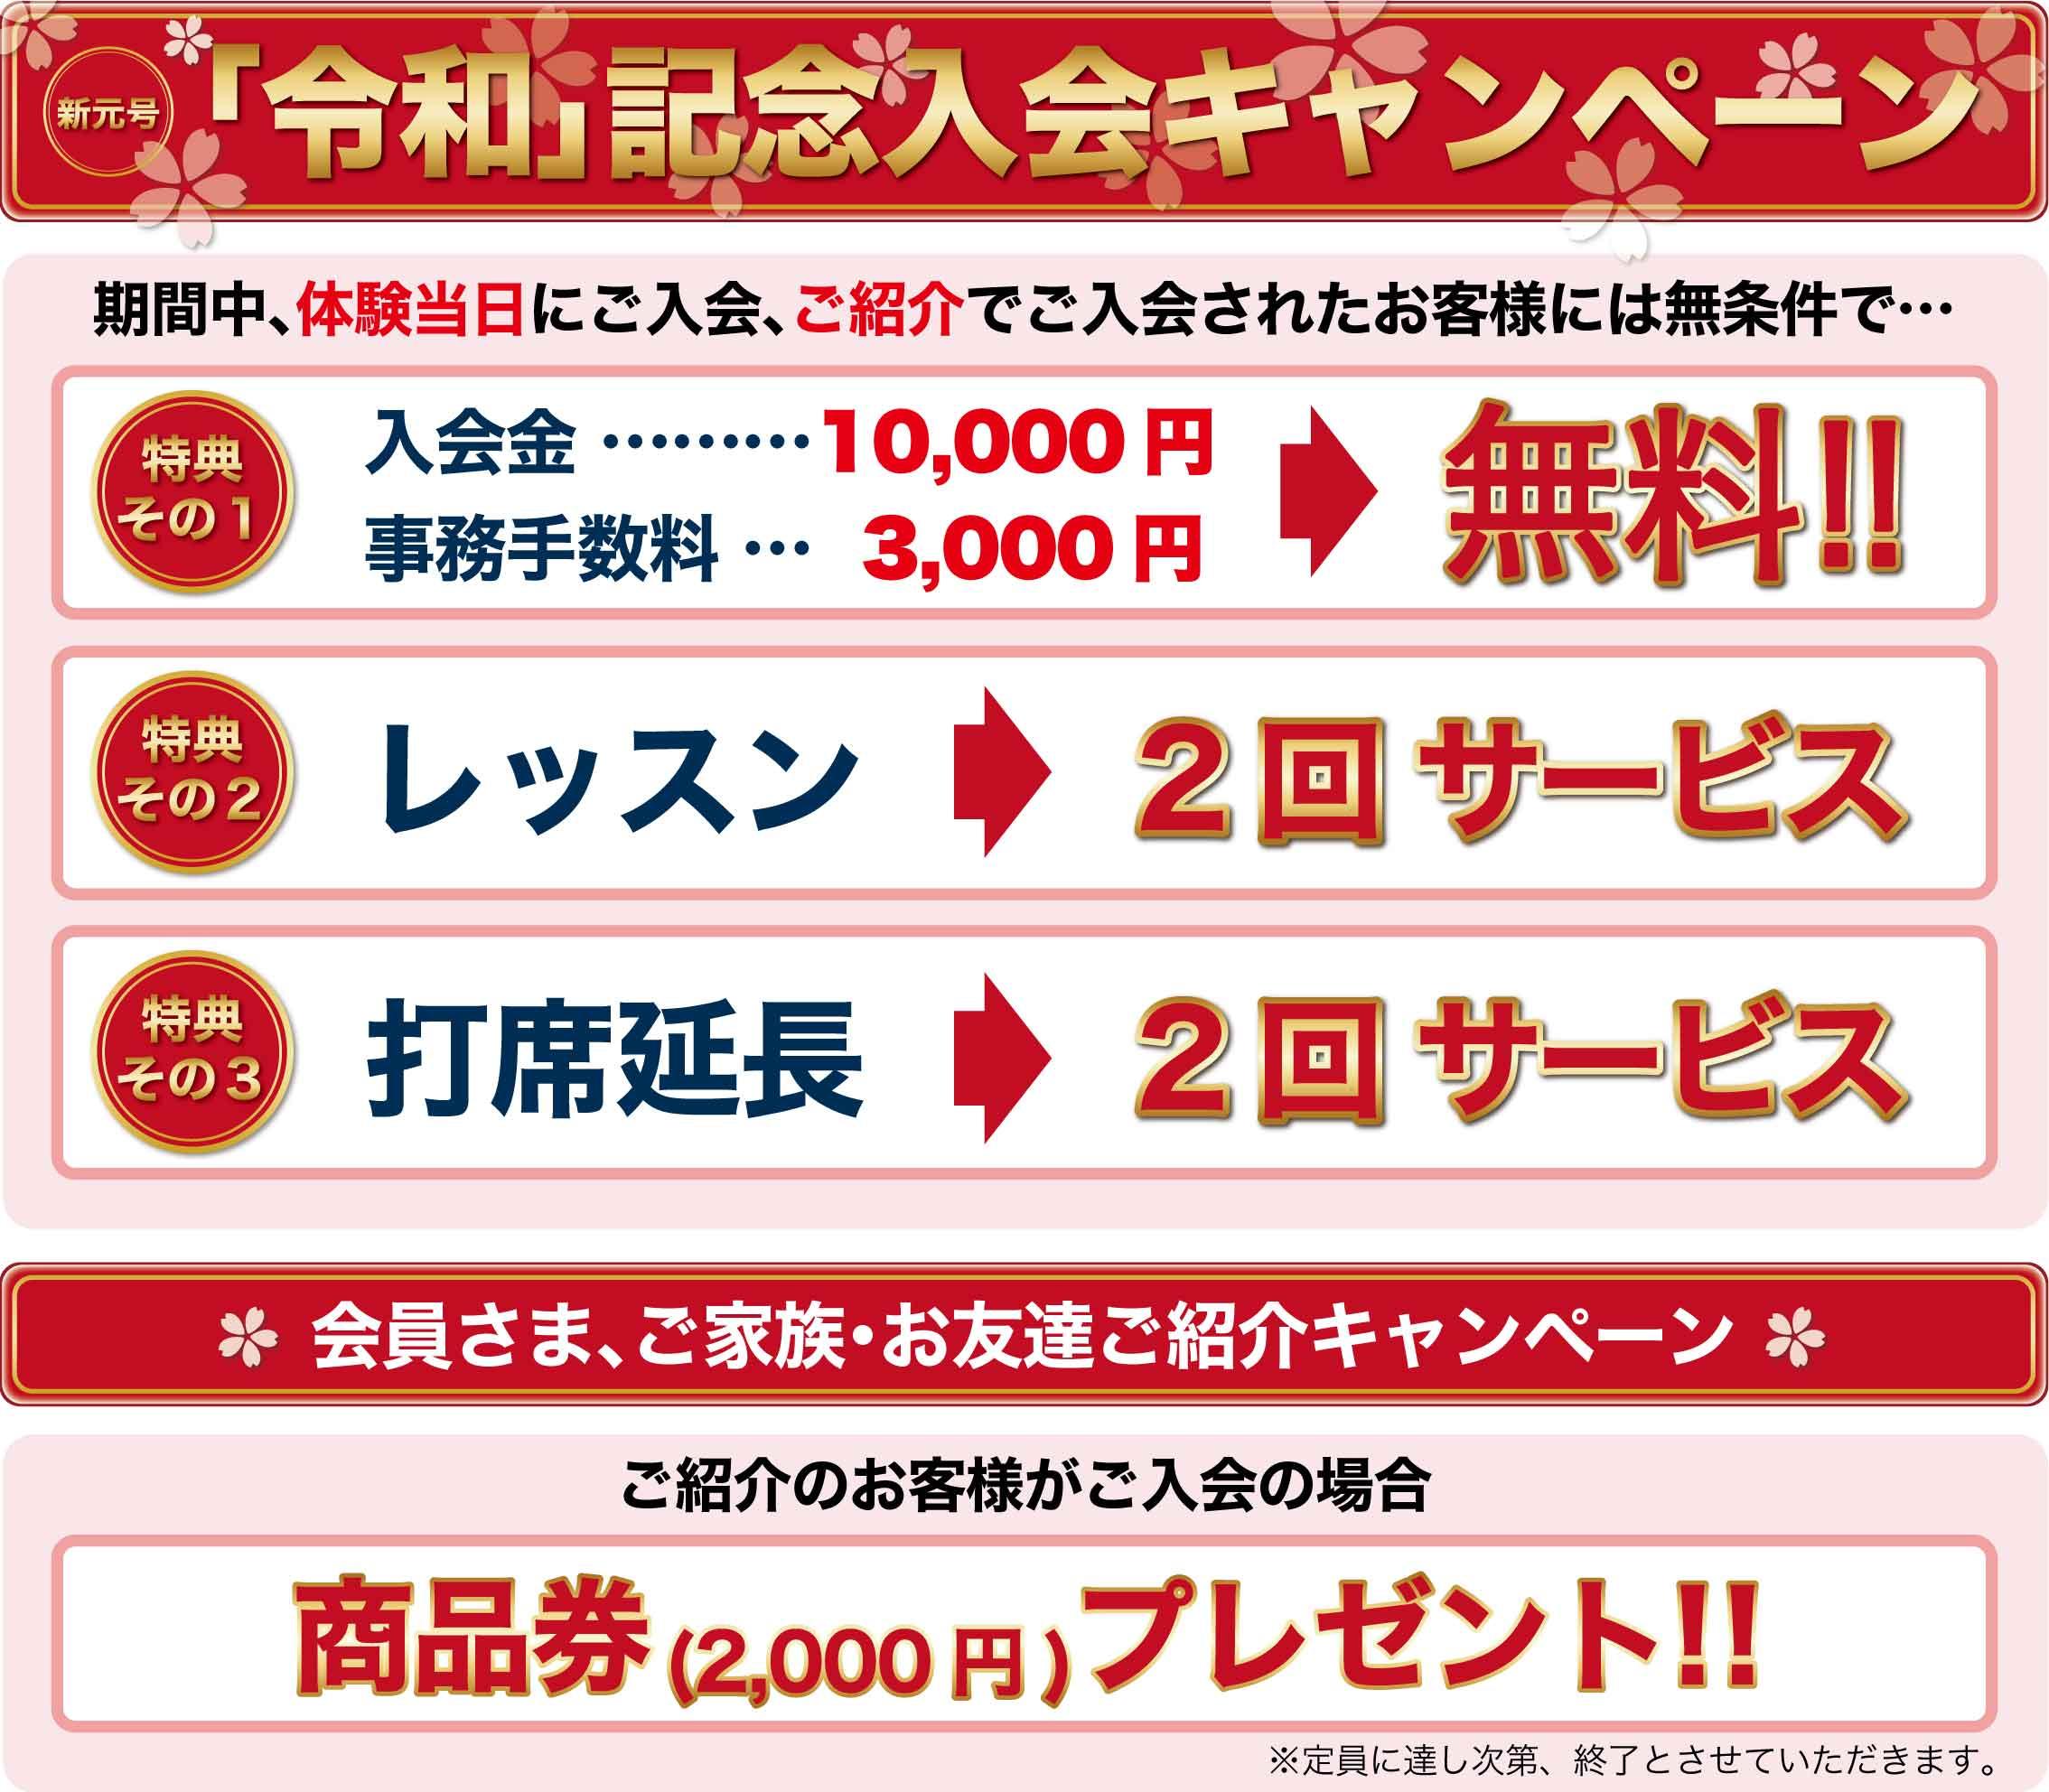 新元号「令和」記念入会キャンペーン